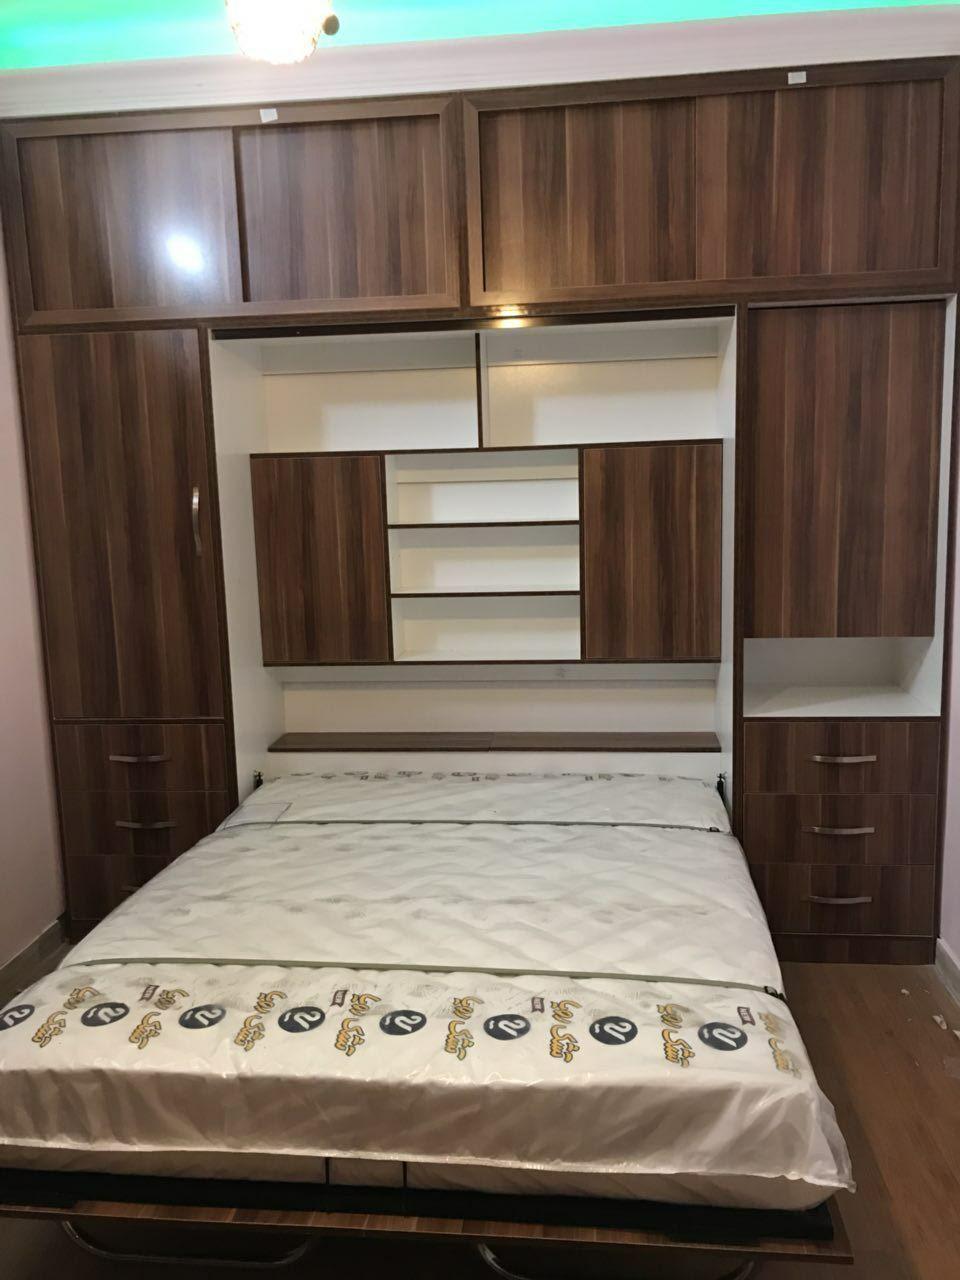 تخت کمجا دیواری ام دی اف/تخت تاشو دیواری ام دی اف/سرویس خواب/تخت دو طبقه